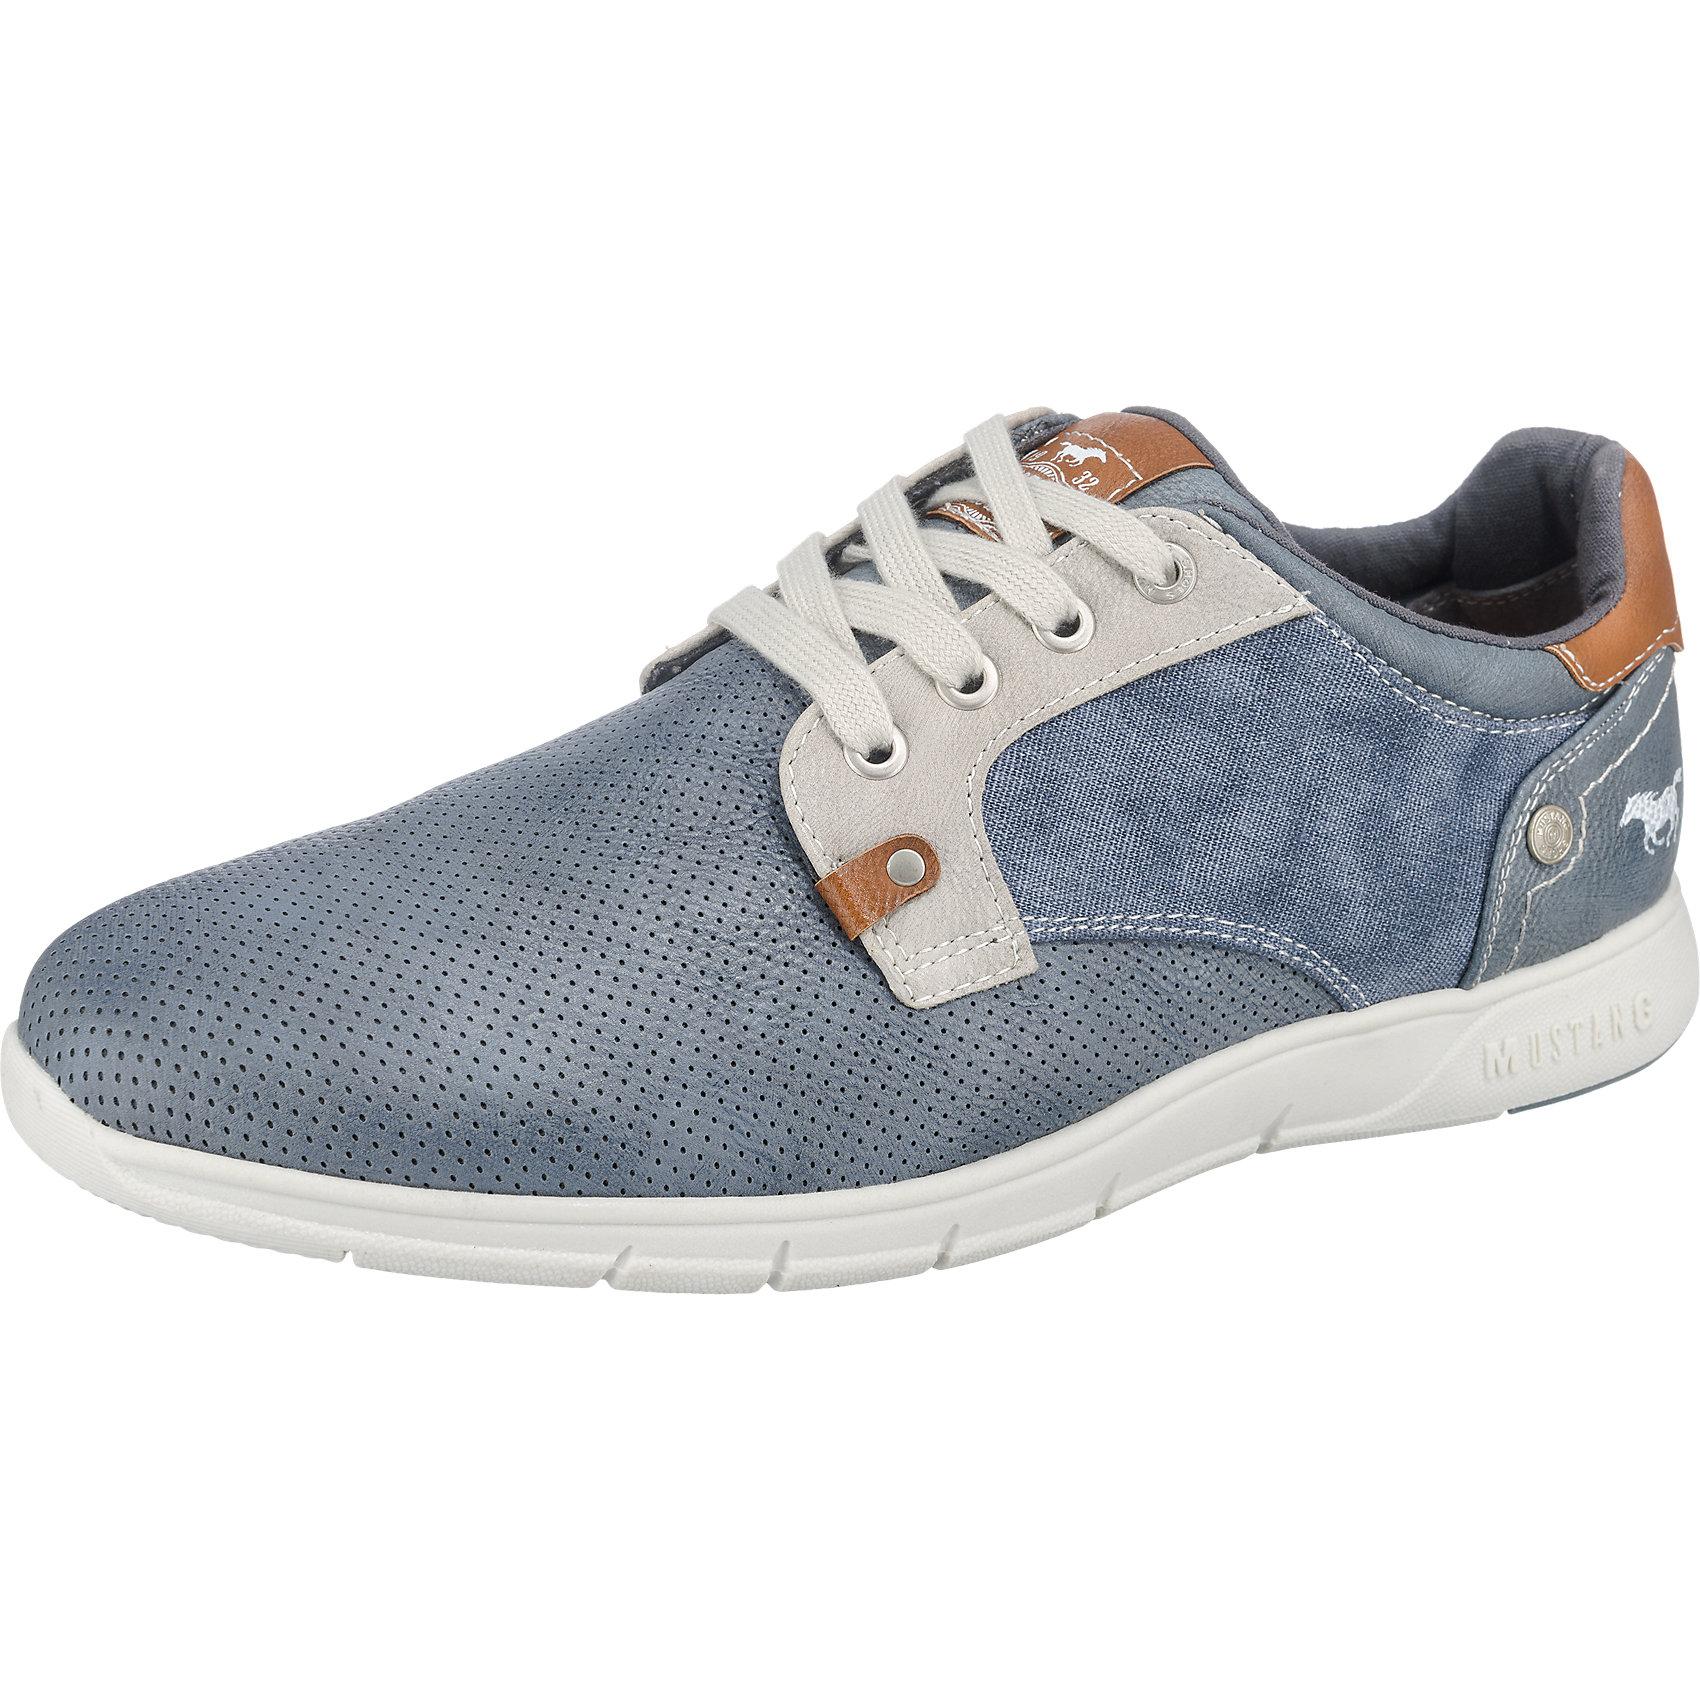 Neu MUSTBNG Sneakers blau-kombi 5772227